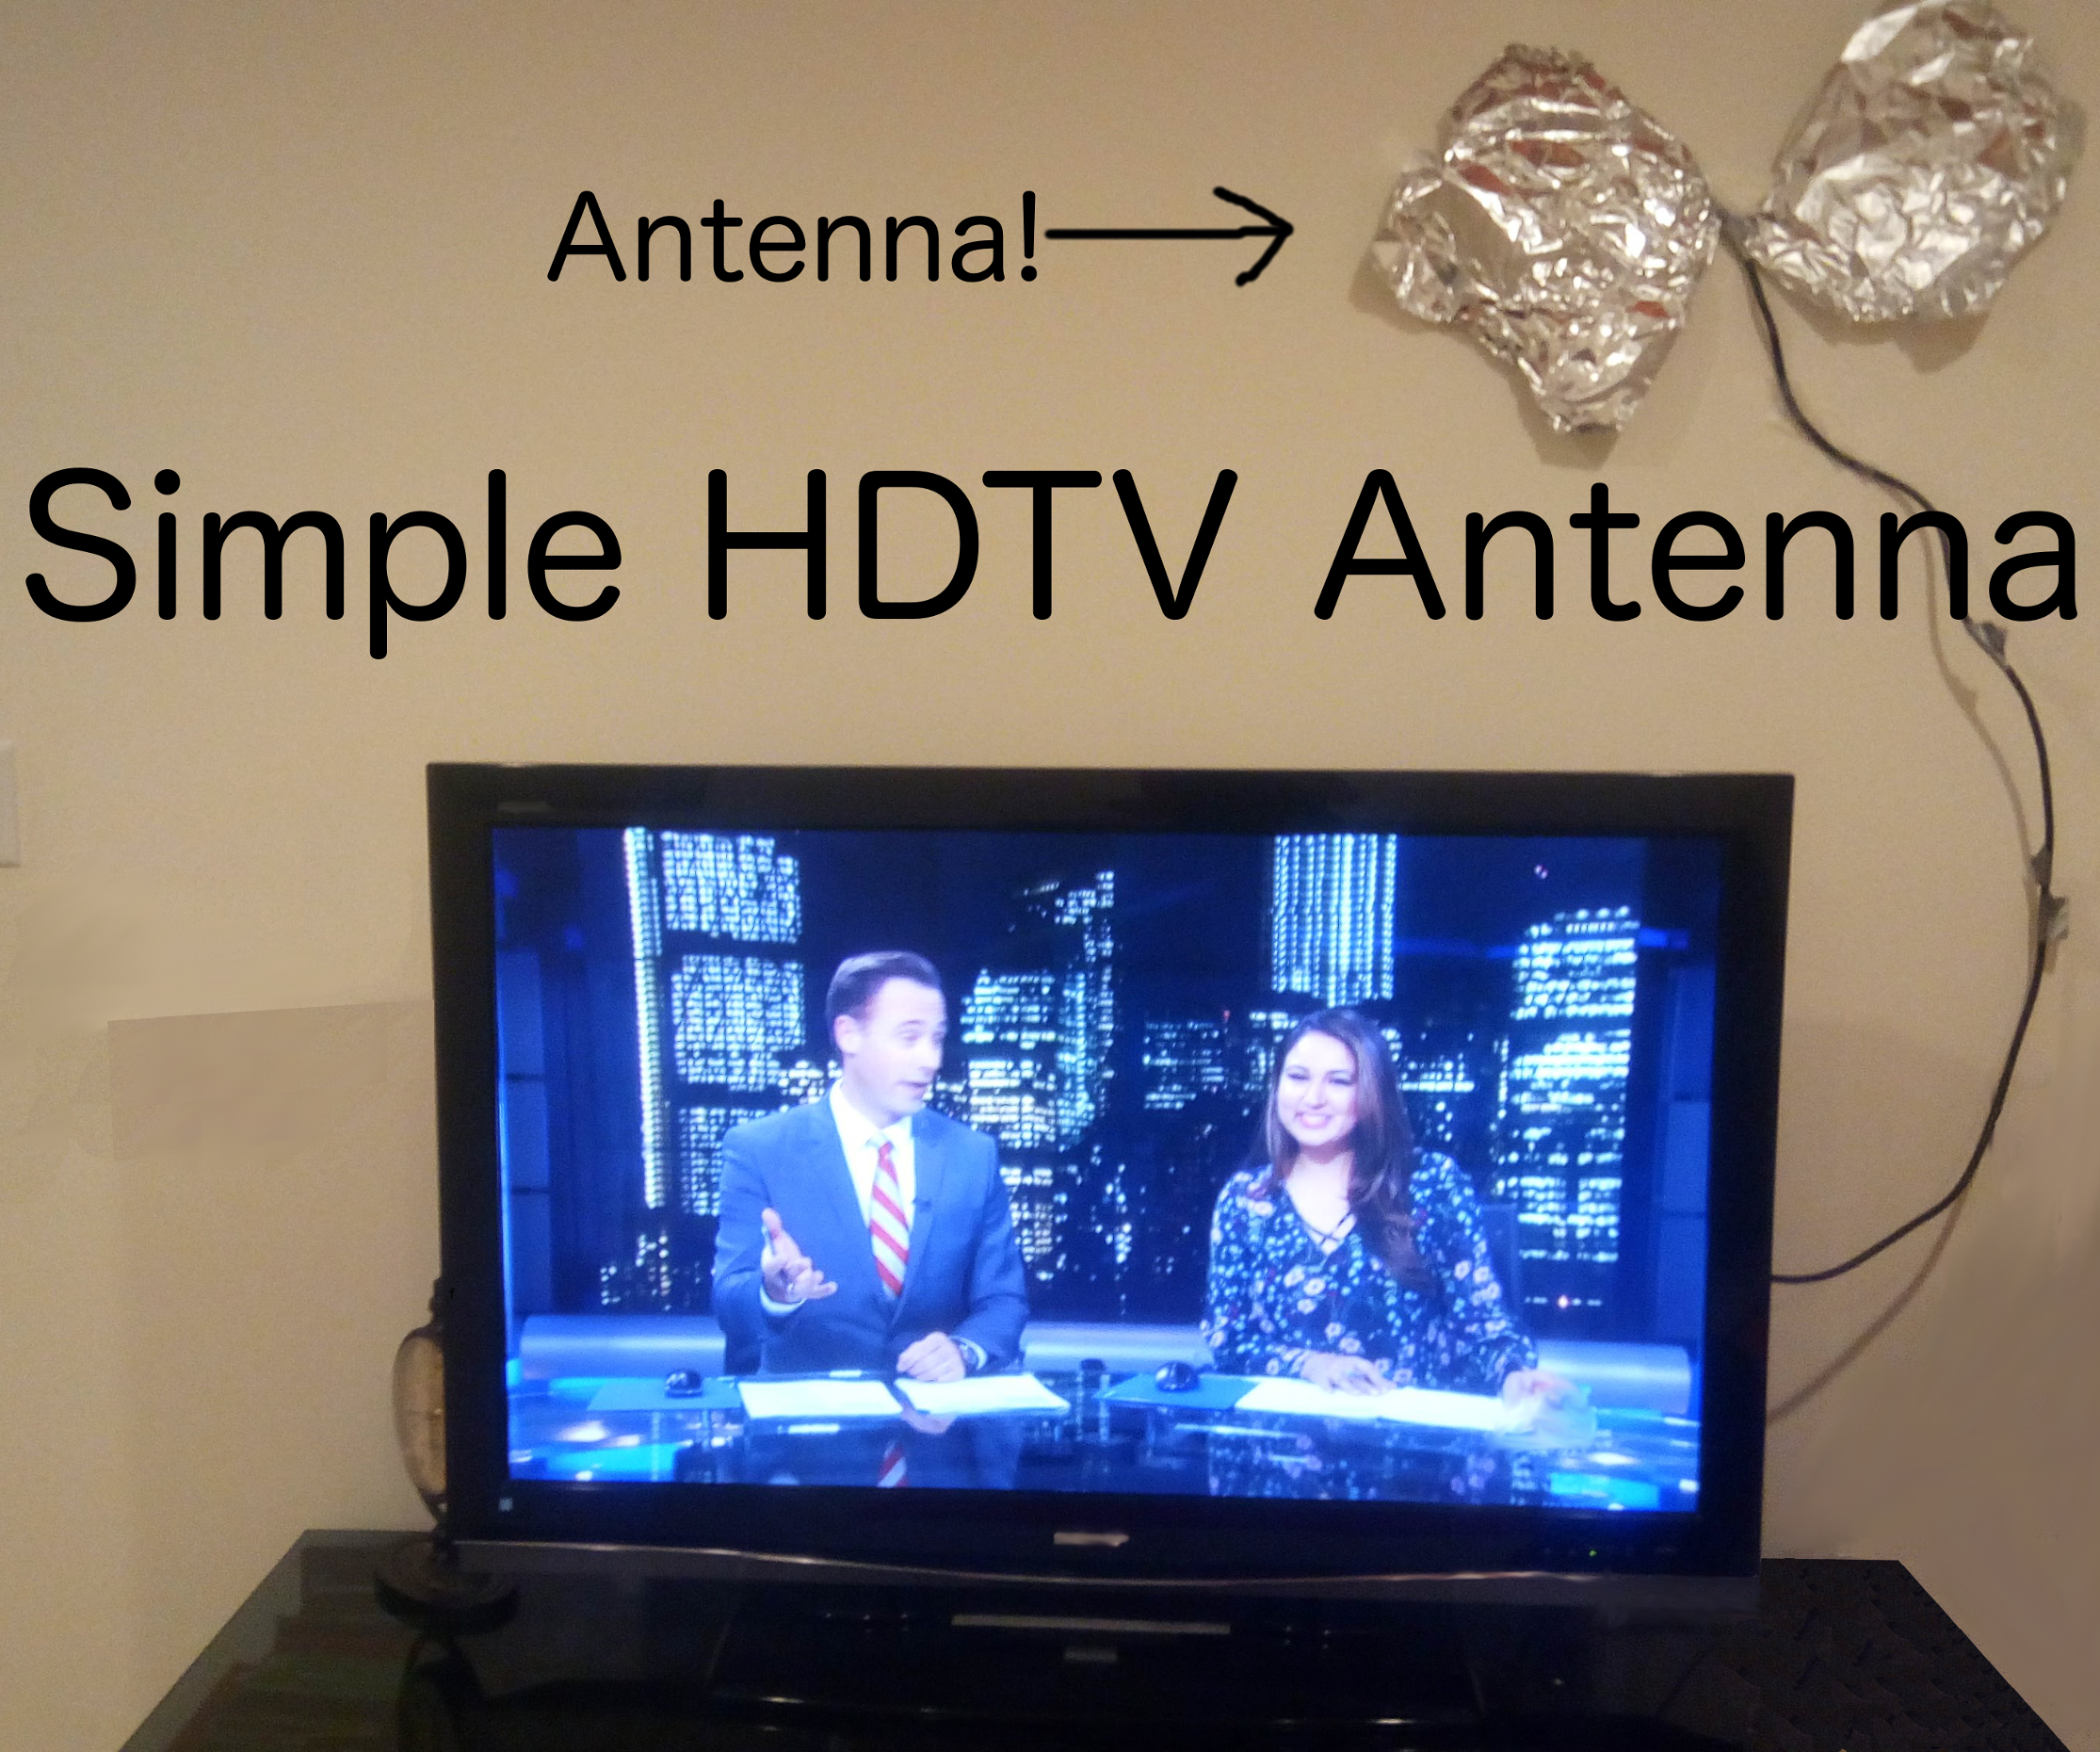 Simple HDTV Antenna!